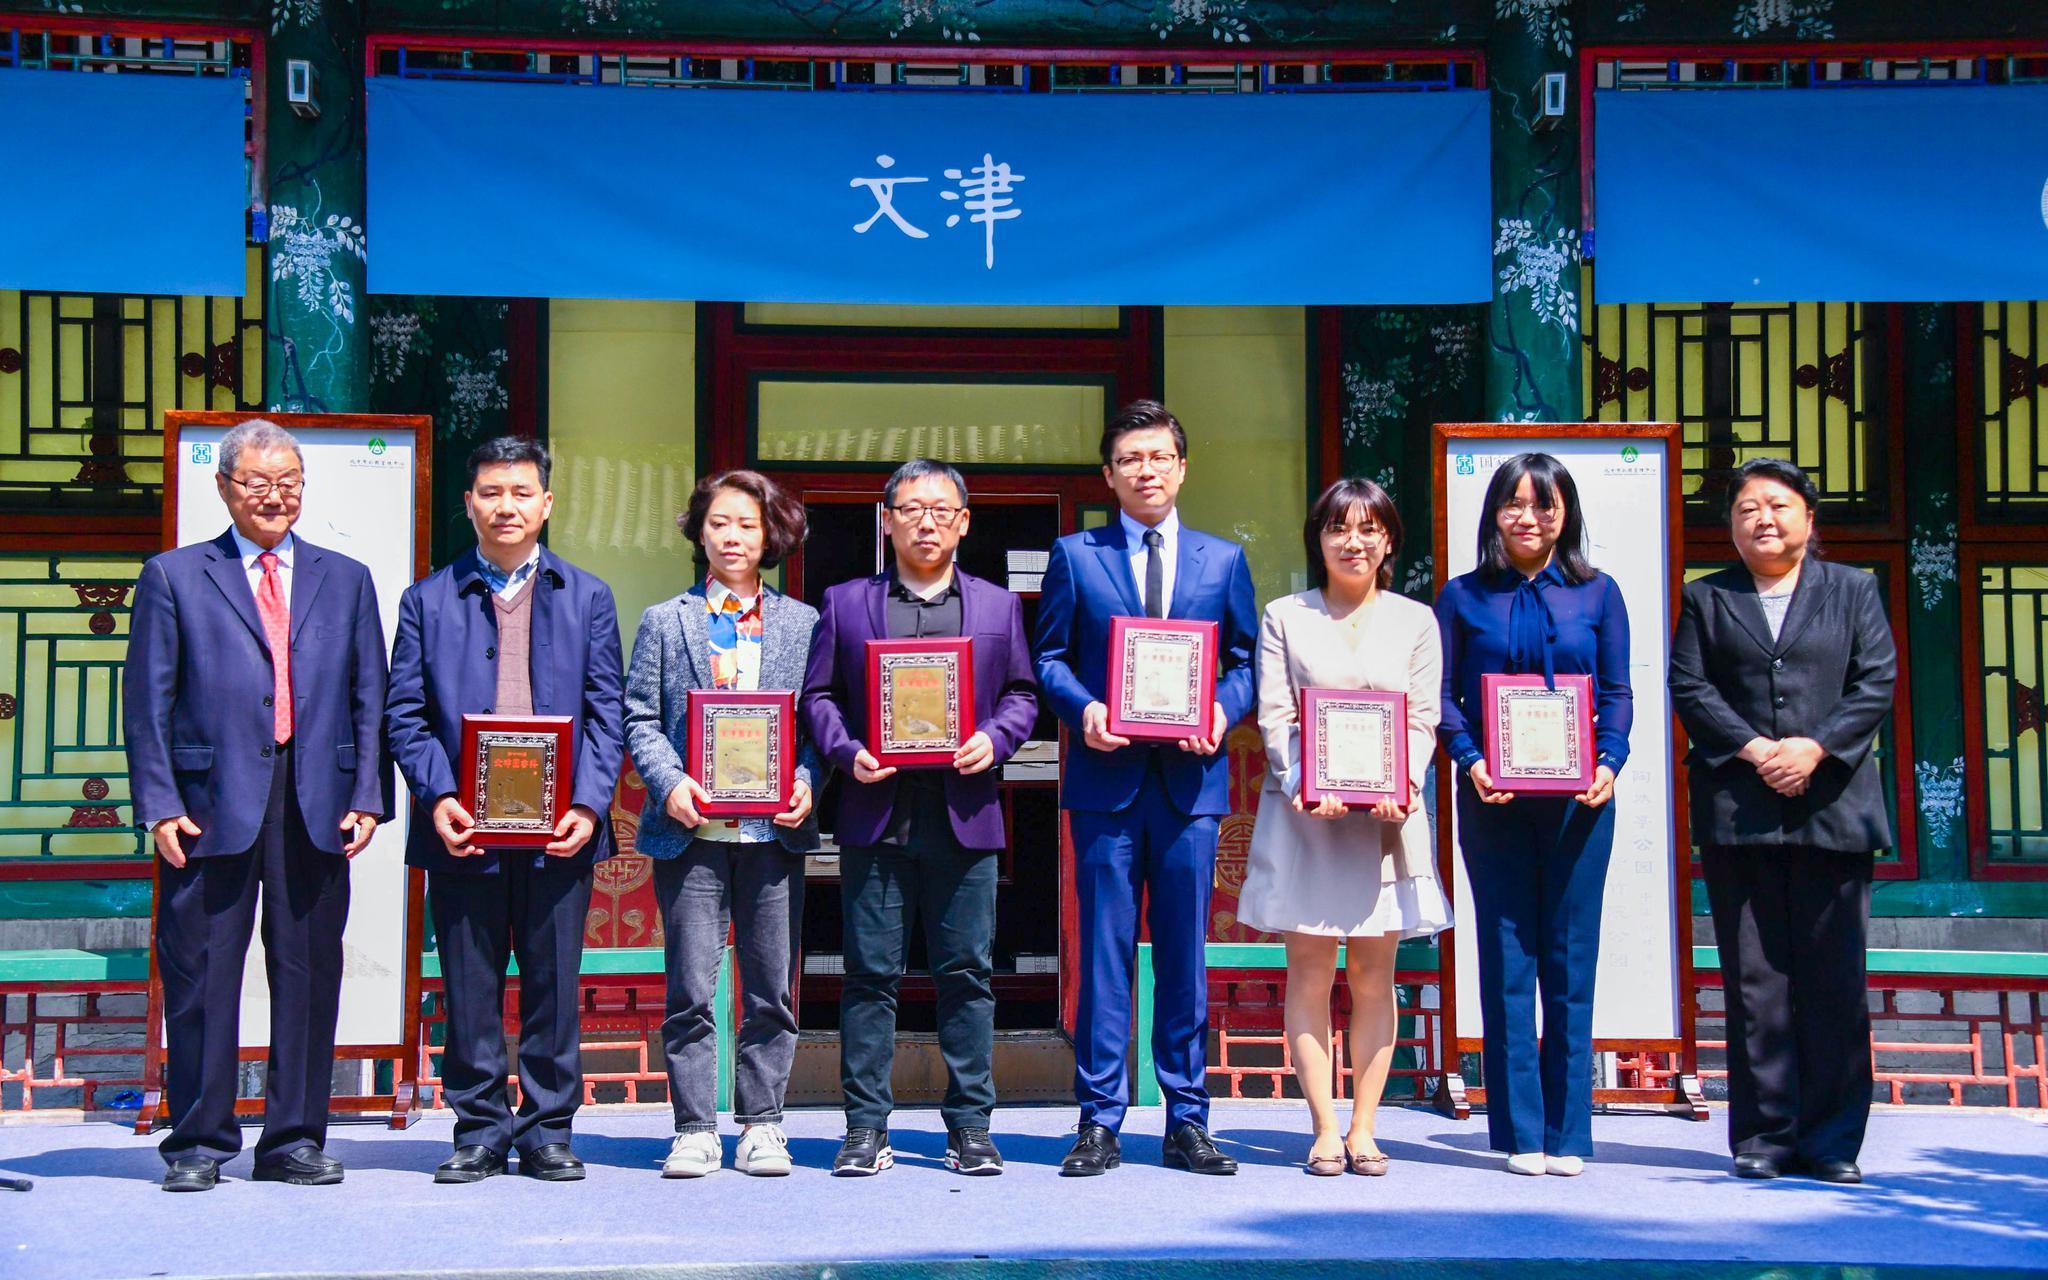 让阅读走出传统书斋 第十六届文津图书奖在颐和园揭晓